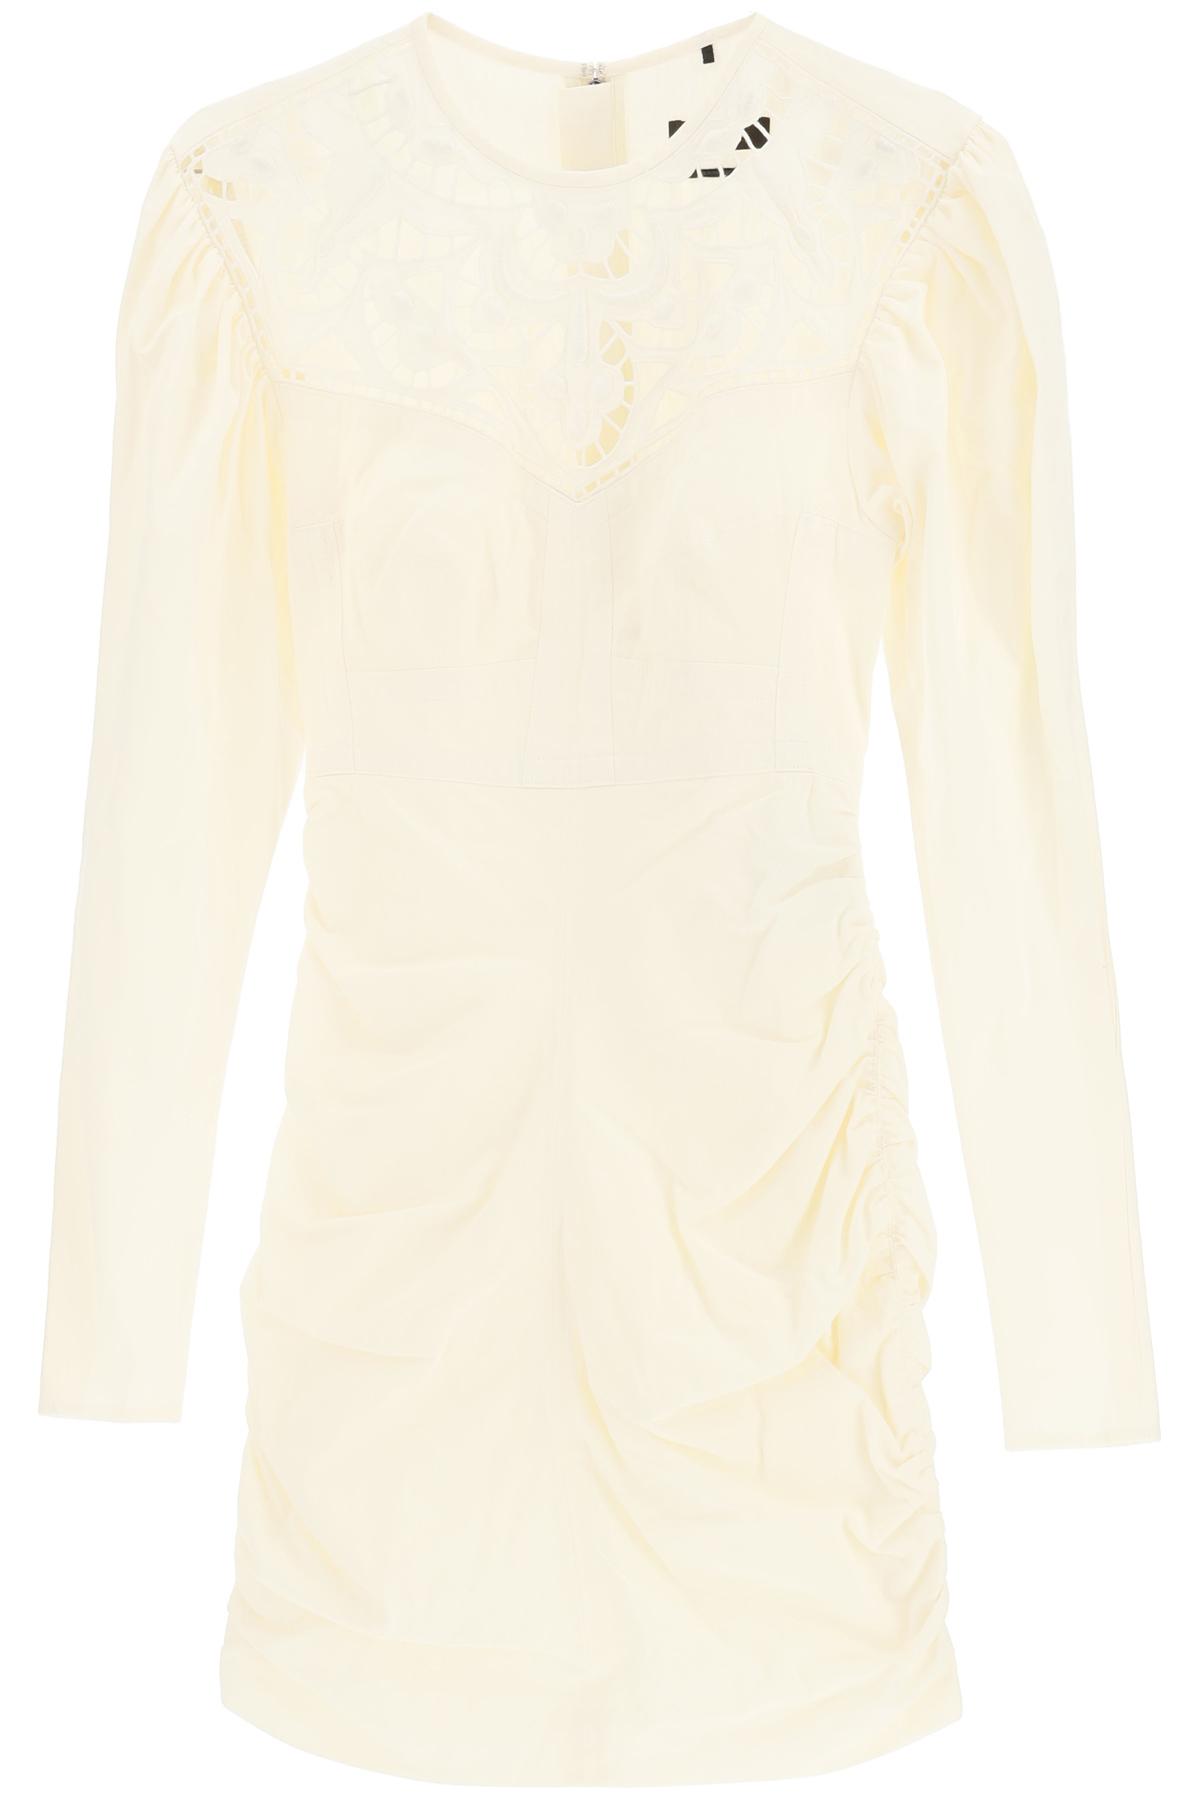 Isabel marant miniabito robe taydo con ricamo